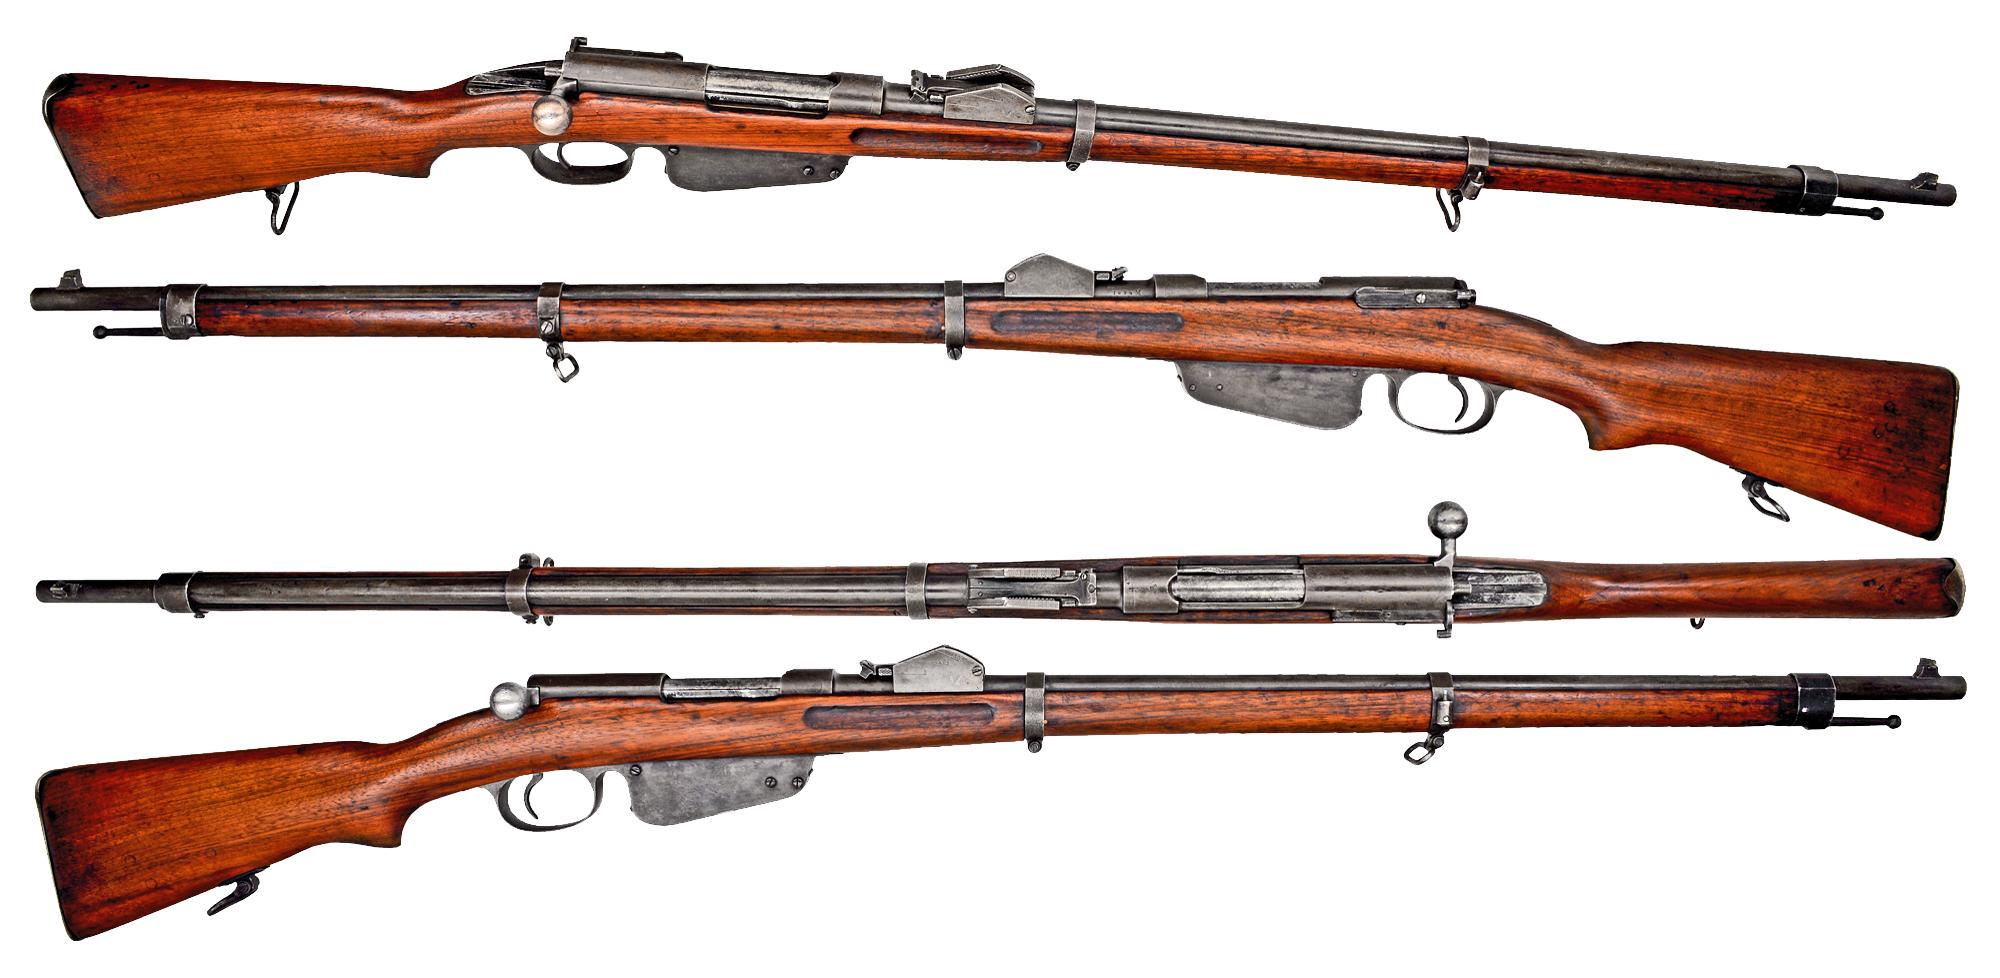 Steyr-Mannlicher Model 1888/90 | Guns | Steyr, Guns, Weapons